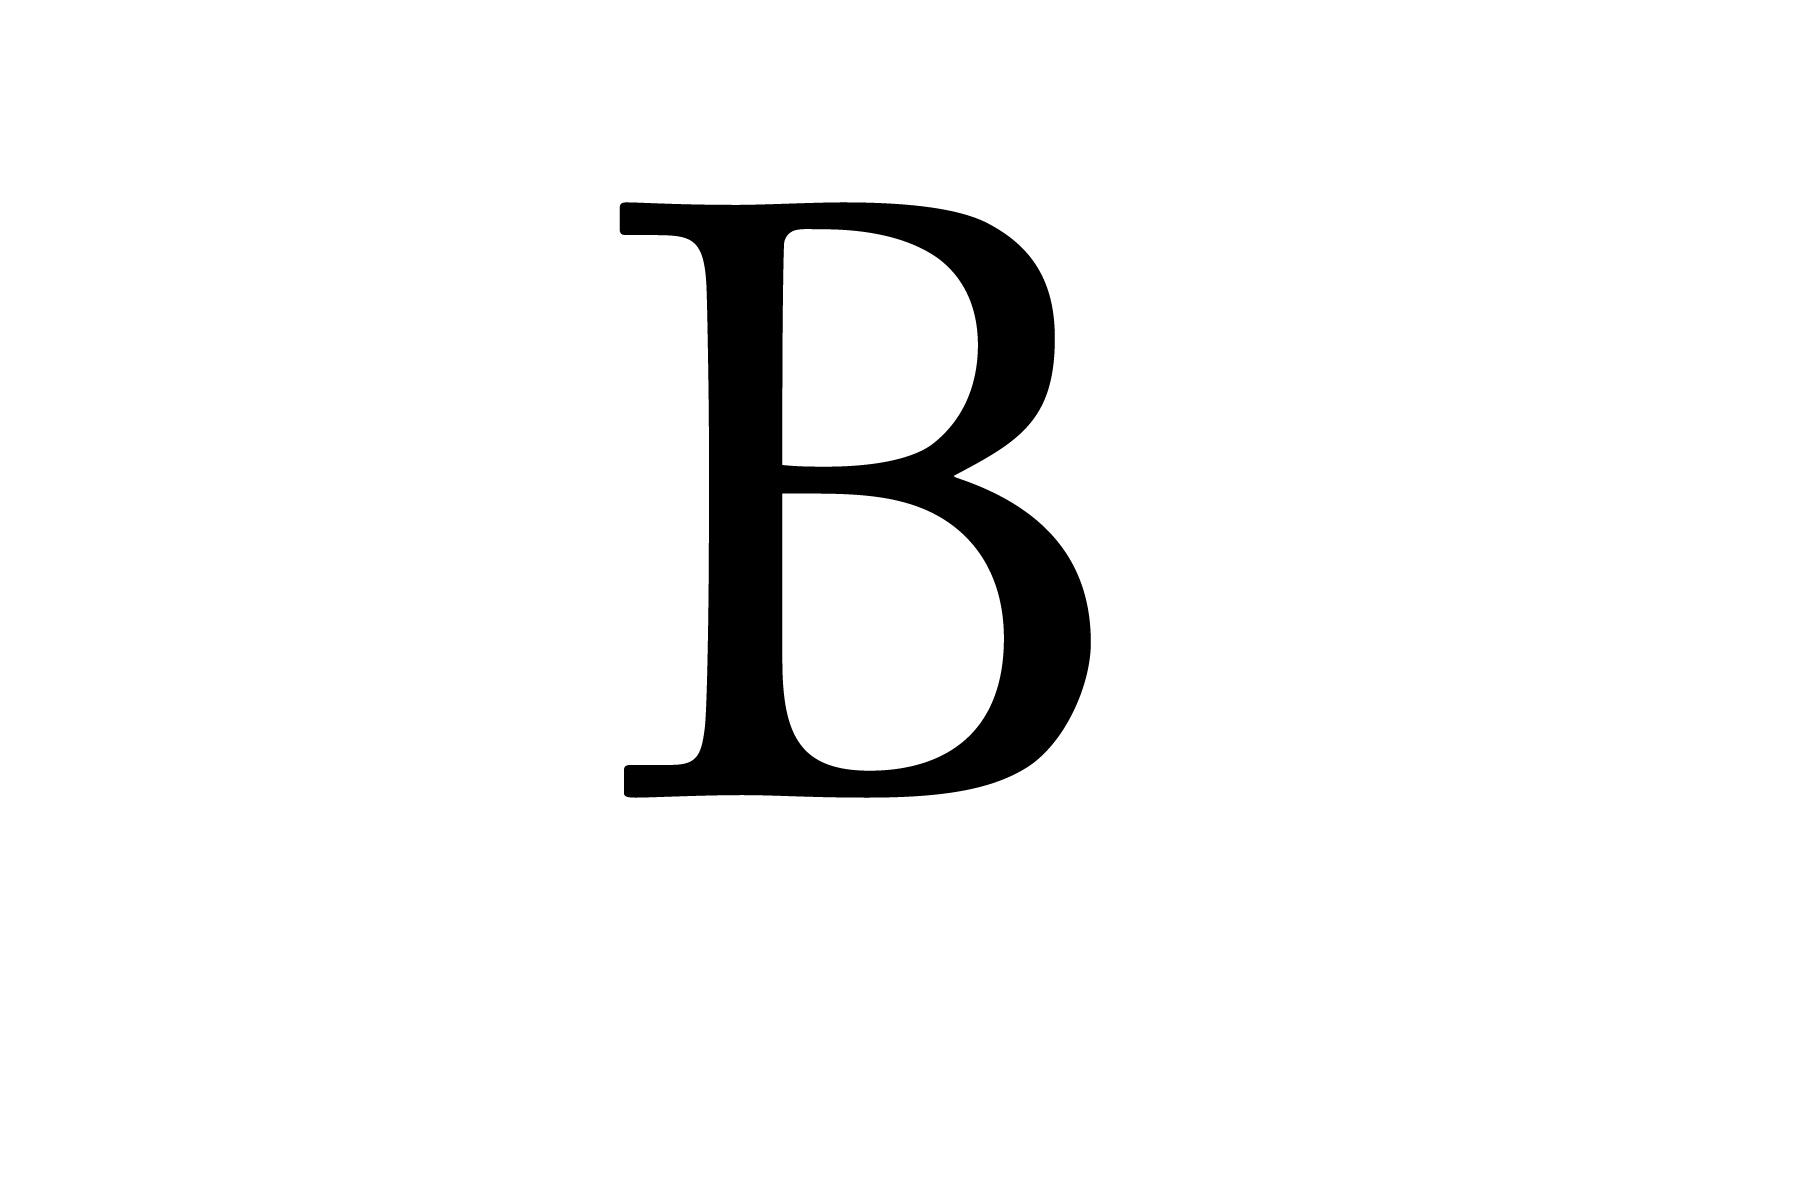 letter B_edited-1.jpg